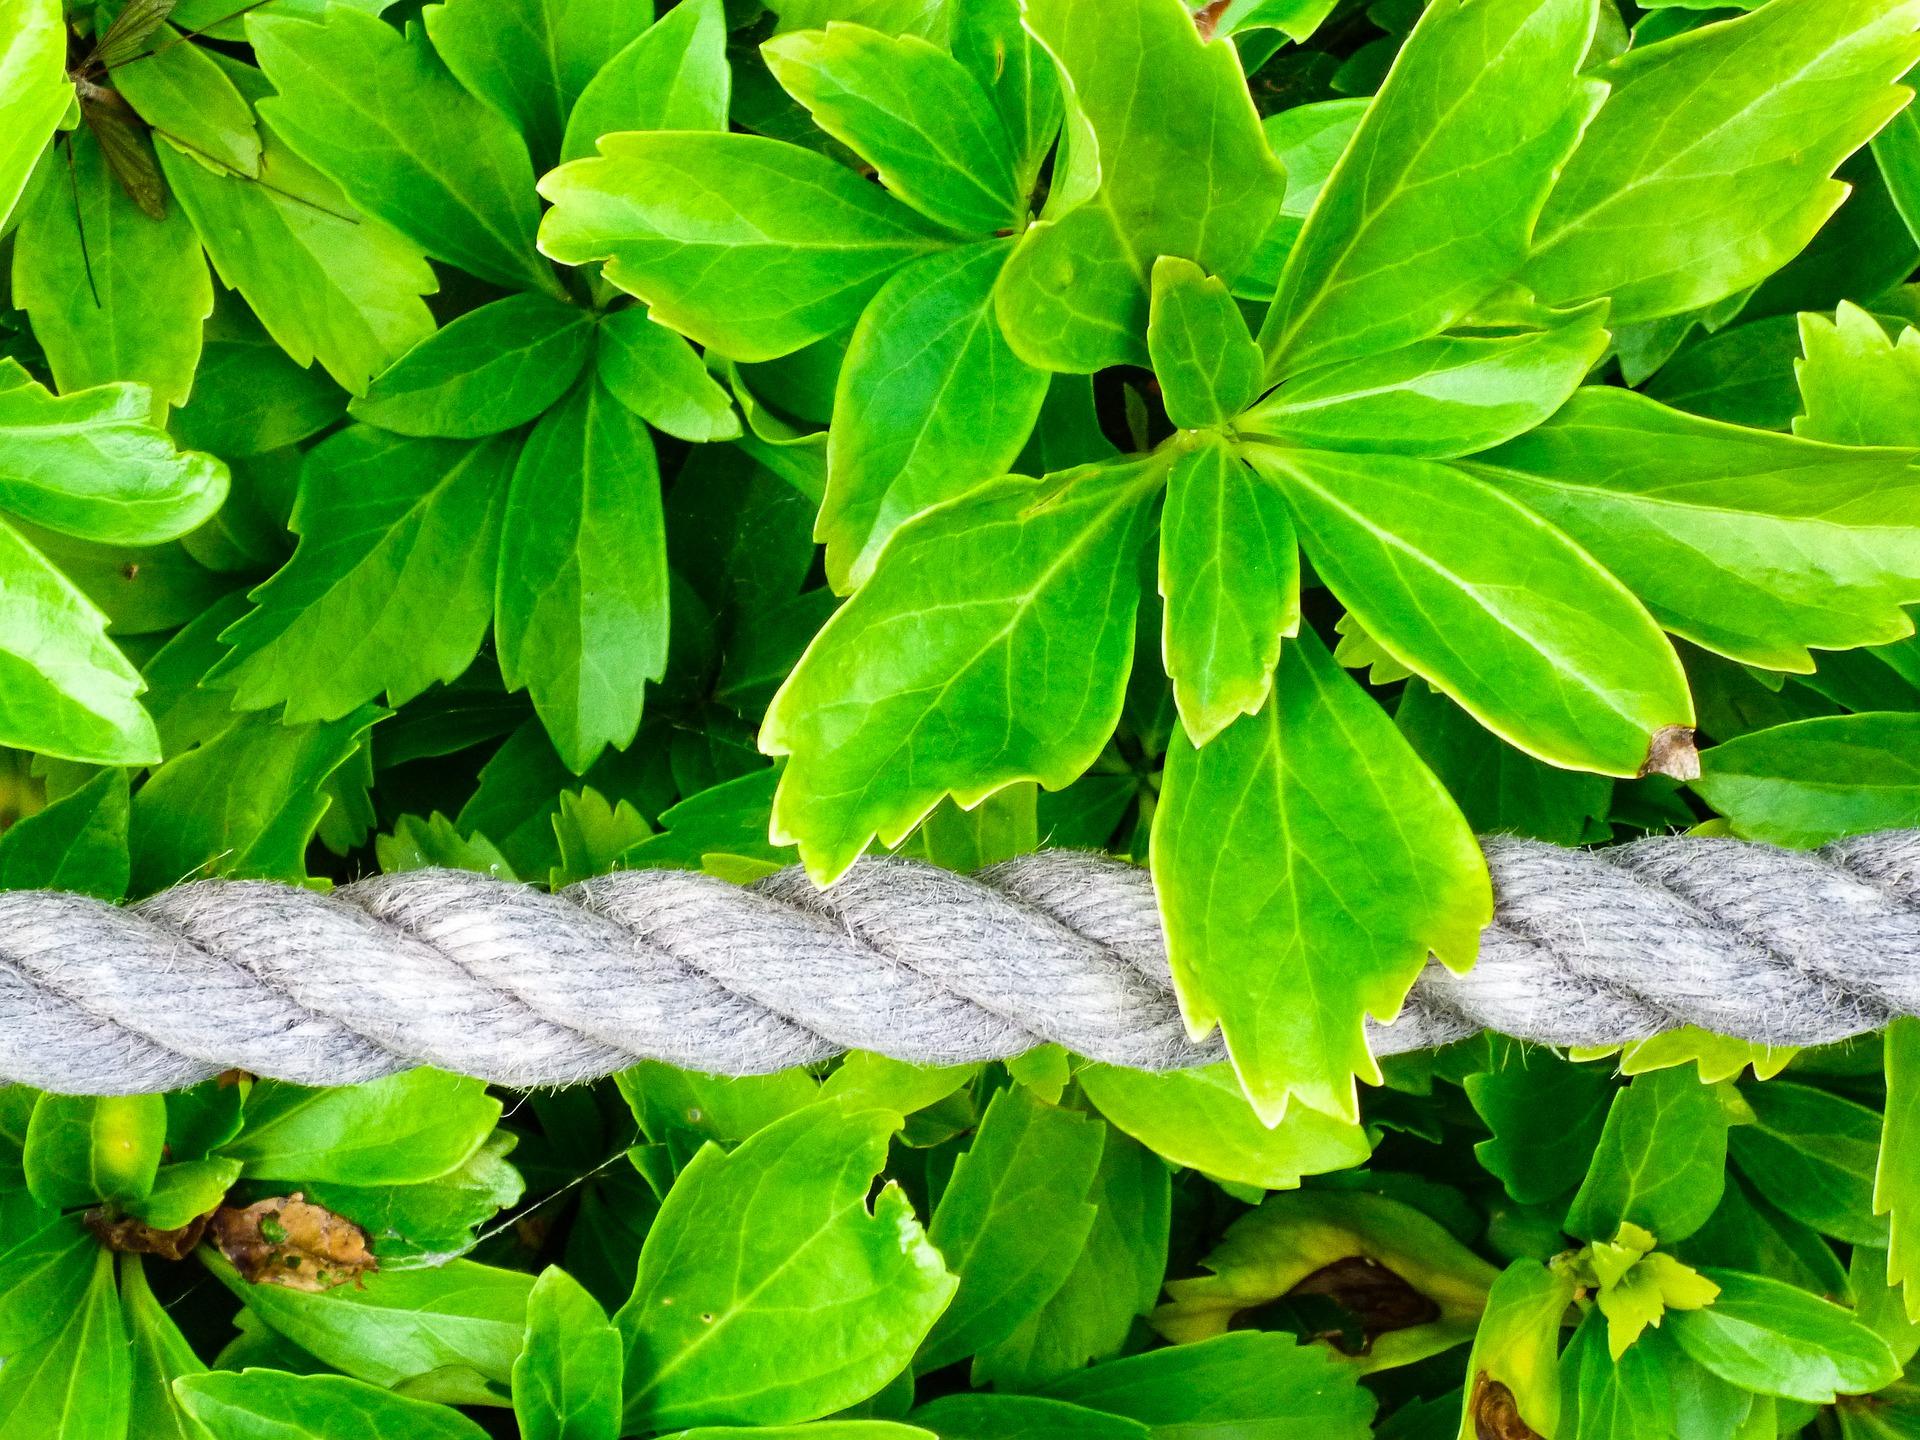 leaf-3092677_1920